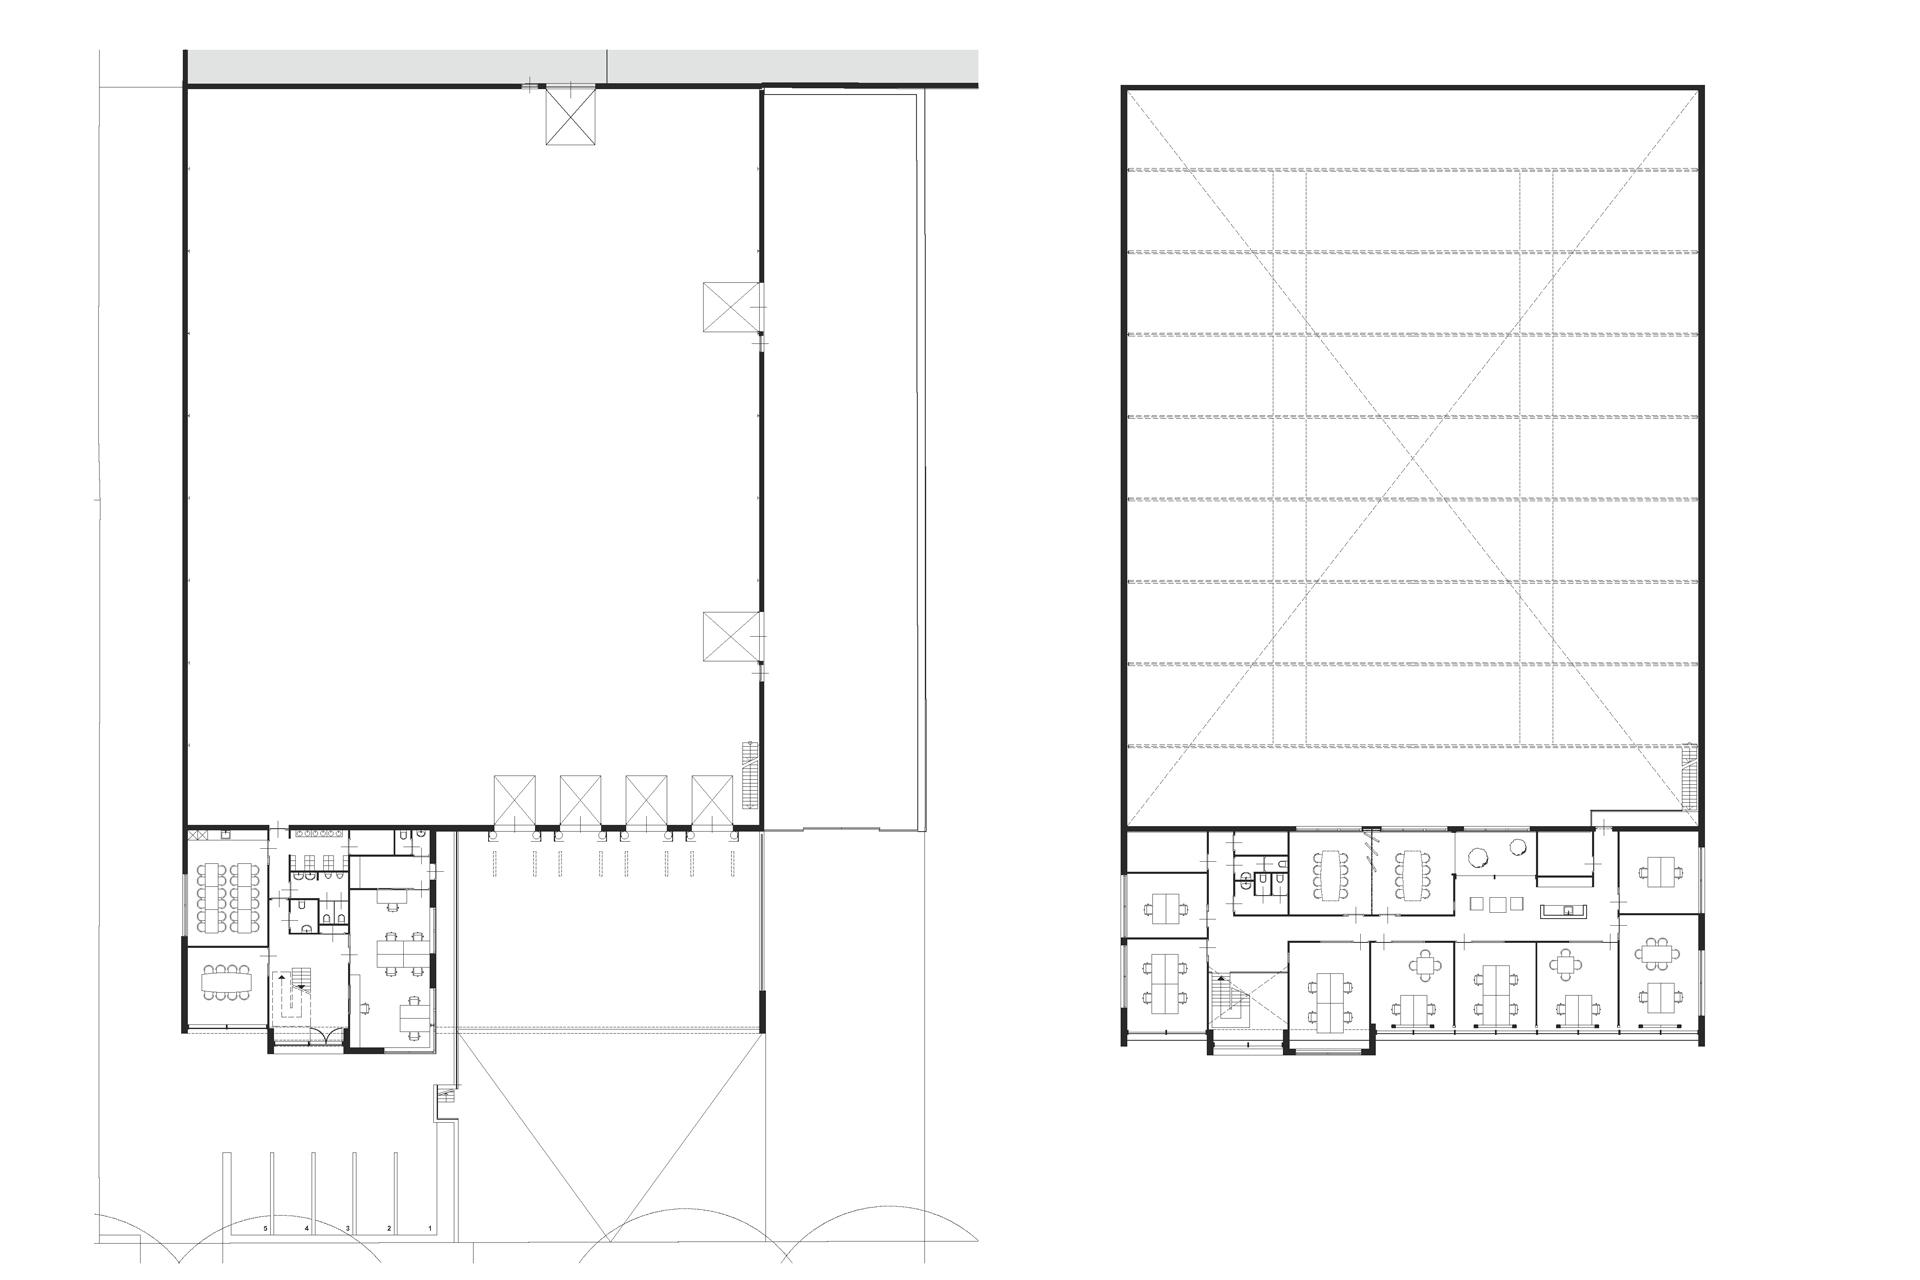 bedrijfshalkantoor-verbo-jyb-architecten-04